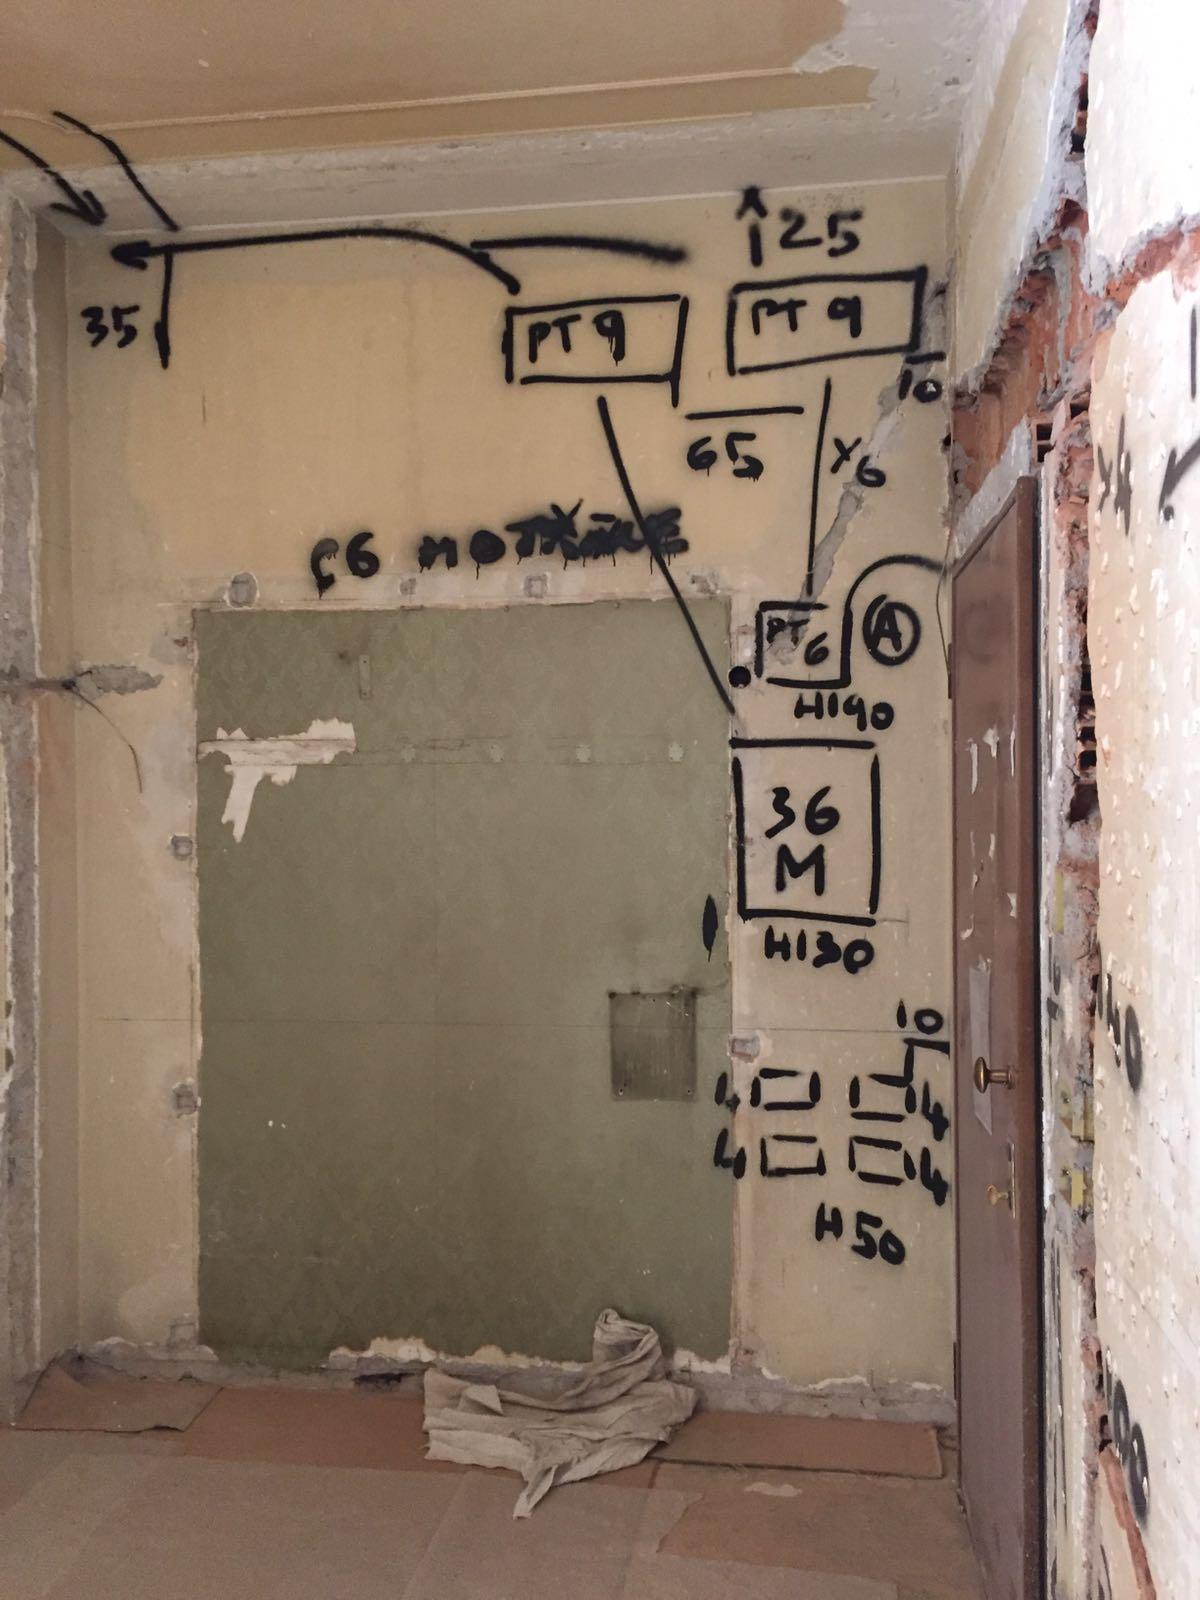 2. Predisposizione tracciamenti impianto elettrico: lavori in corso.